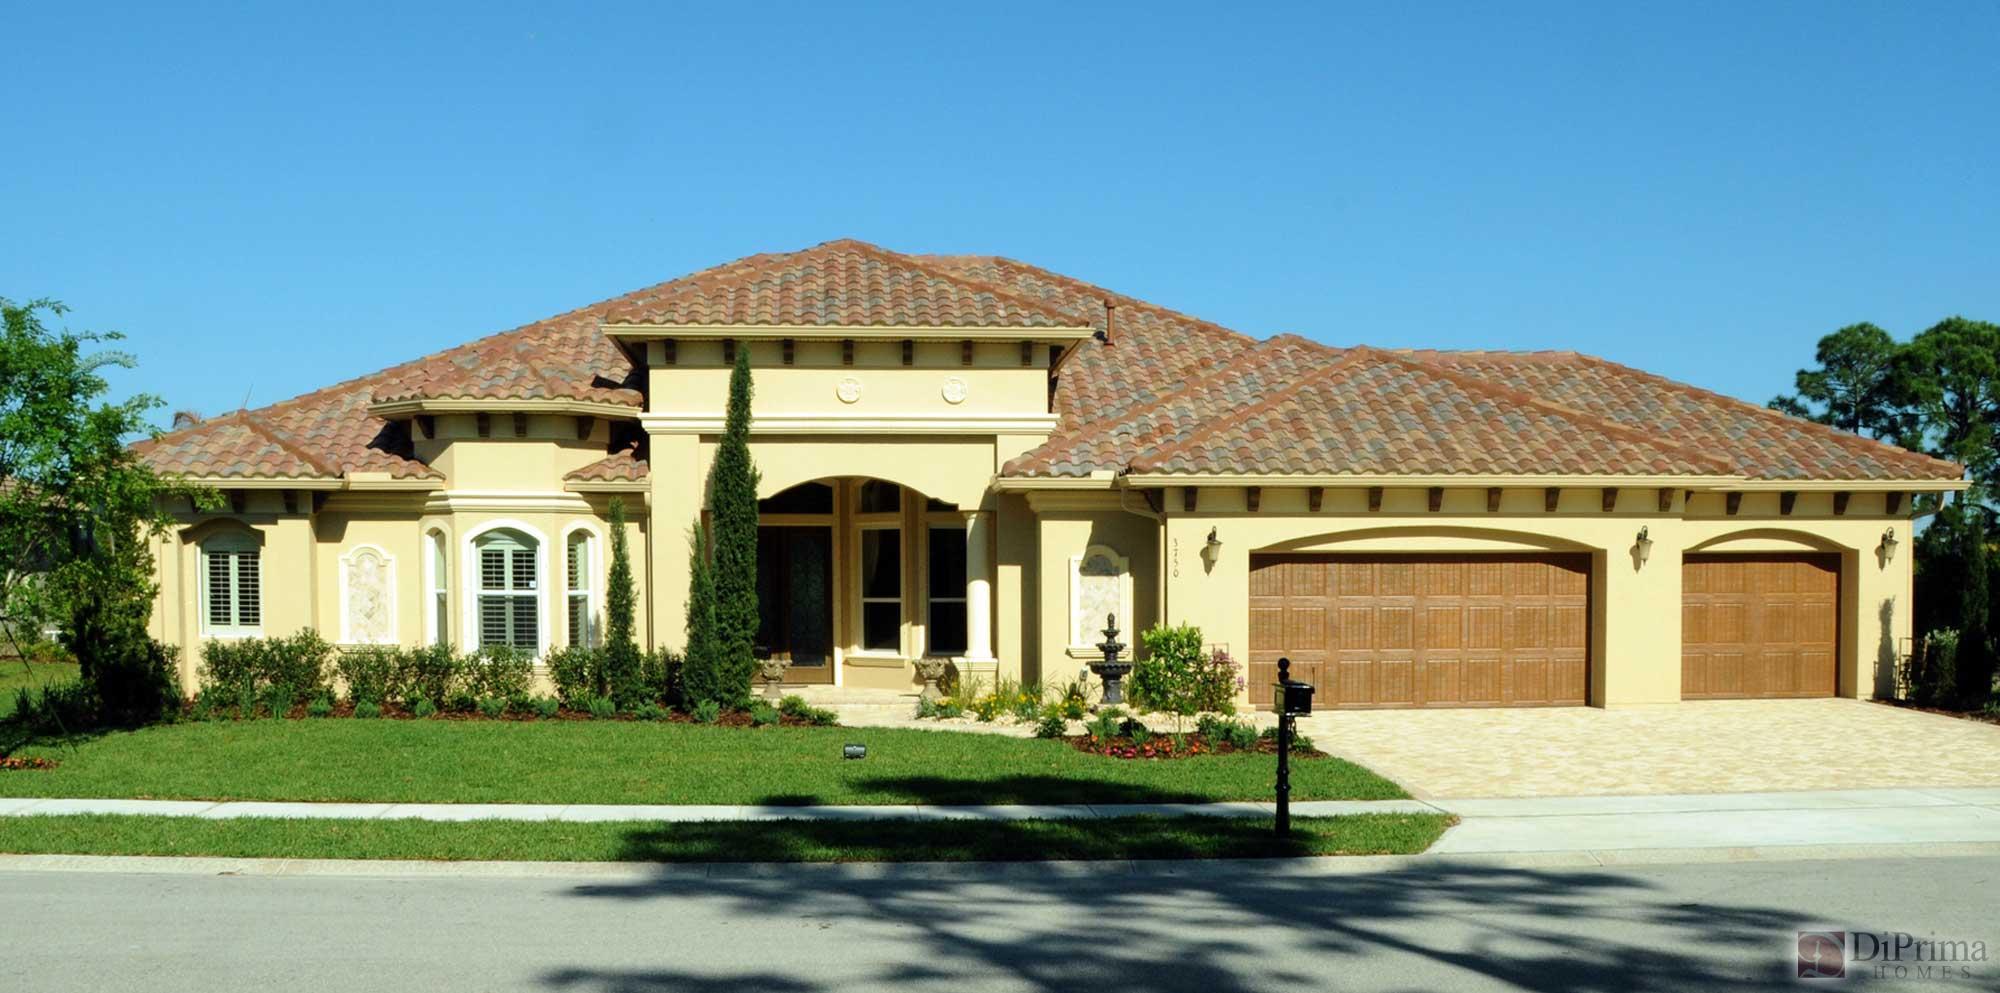 Diprima homes veranda place homemade ftempo for Punch professional home design suite platinum v12